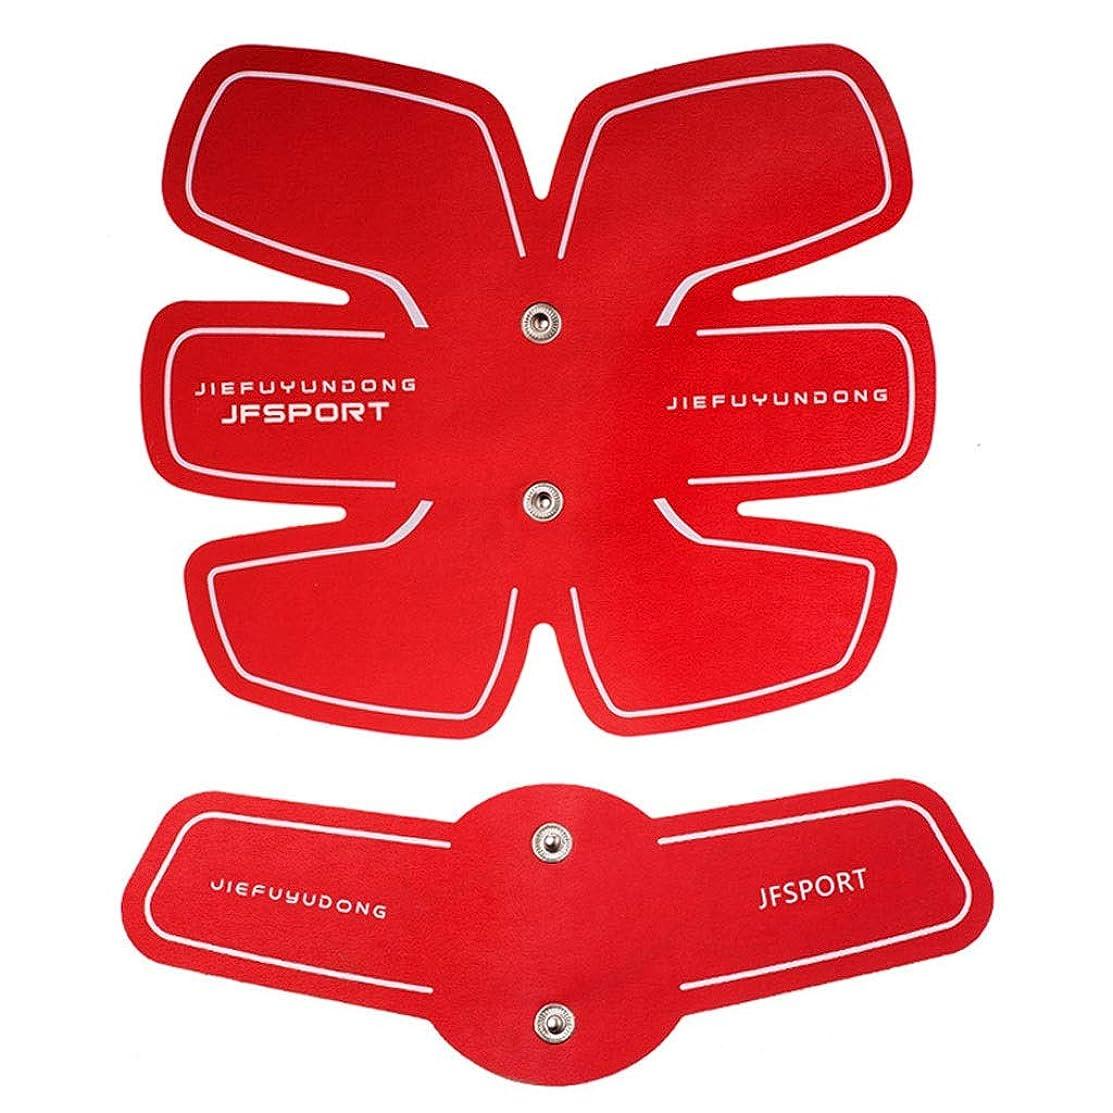 天皇ナラーバー裕福なEms筋肉刺激装置、腹筋トレーナー腹筋トナー腹筋トレーナーフィットネストレーニングギアabsフィット重量筋肉トレーニング調色ジムトレーニングマシン (Color : Red, Size : A+B)